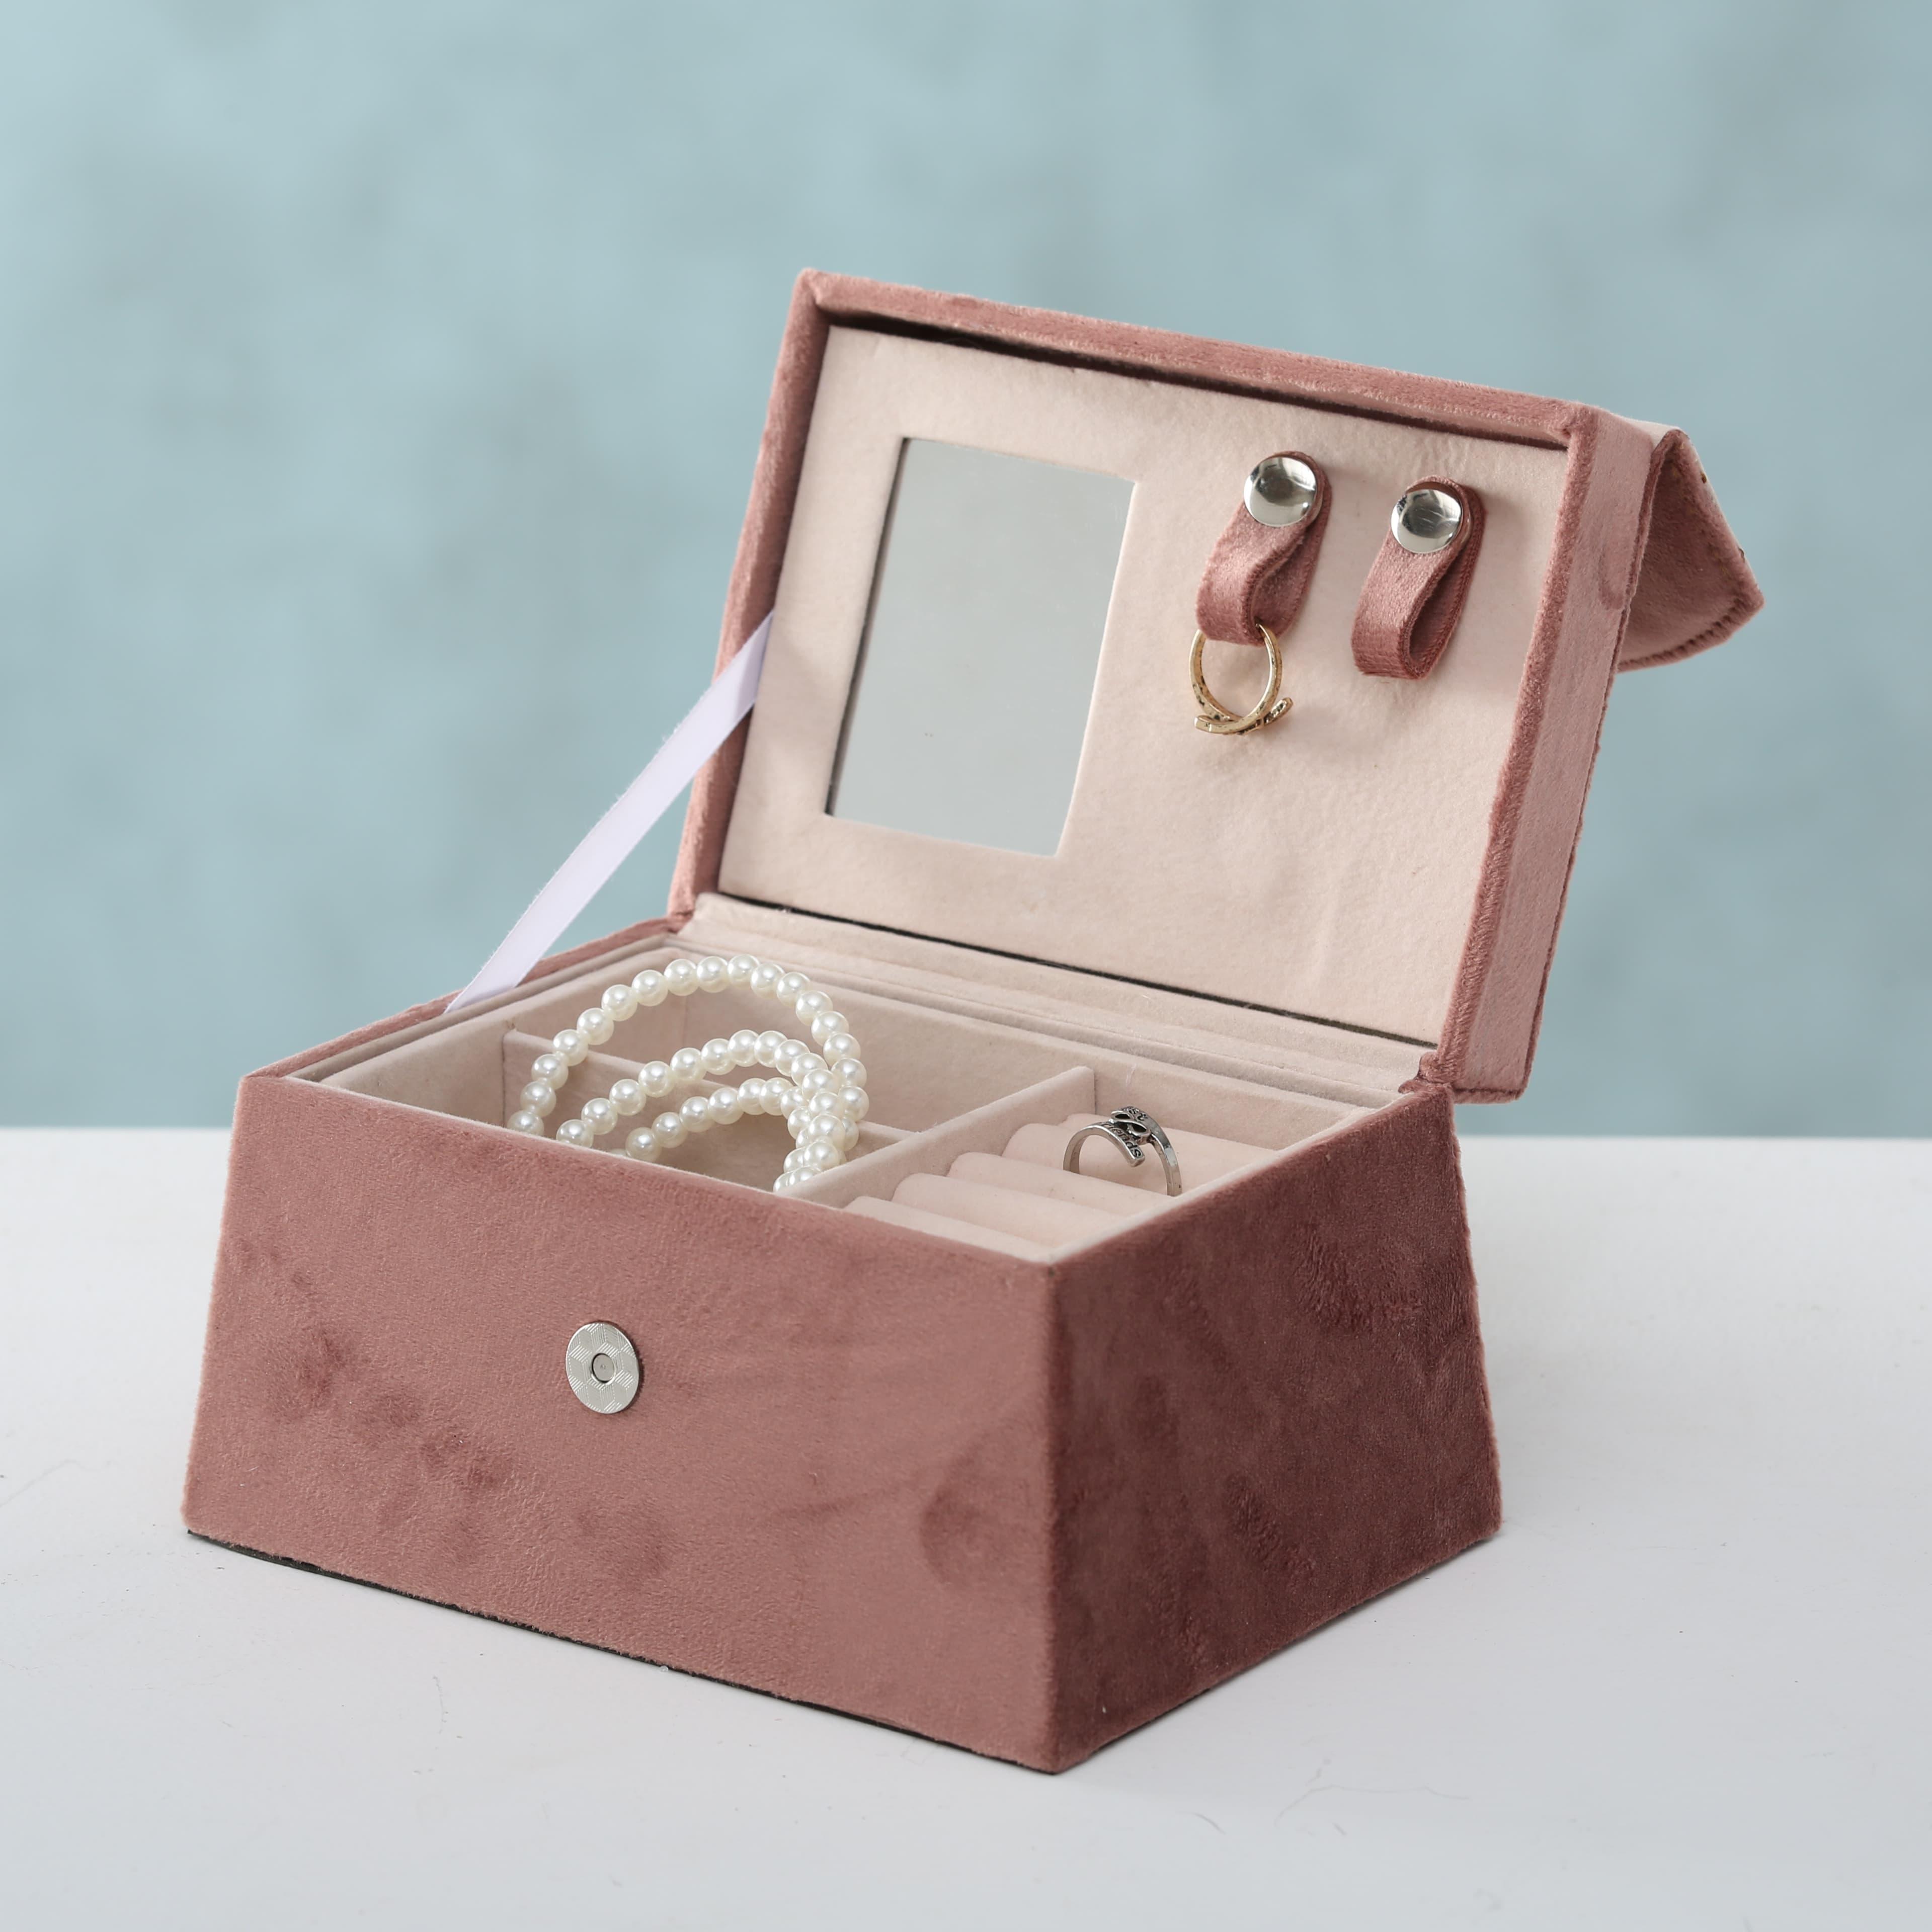 Cutie pentru bijuterii Clea Velvet Roz, L17xl12xH18 cm imagine